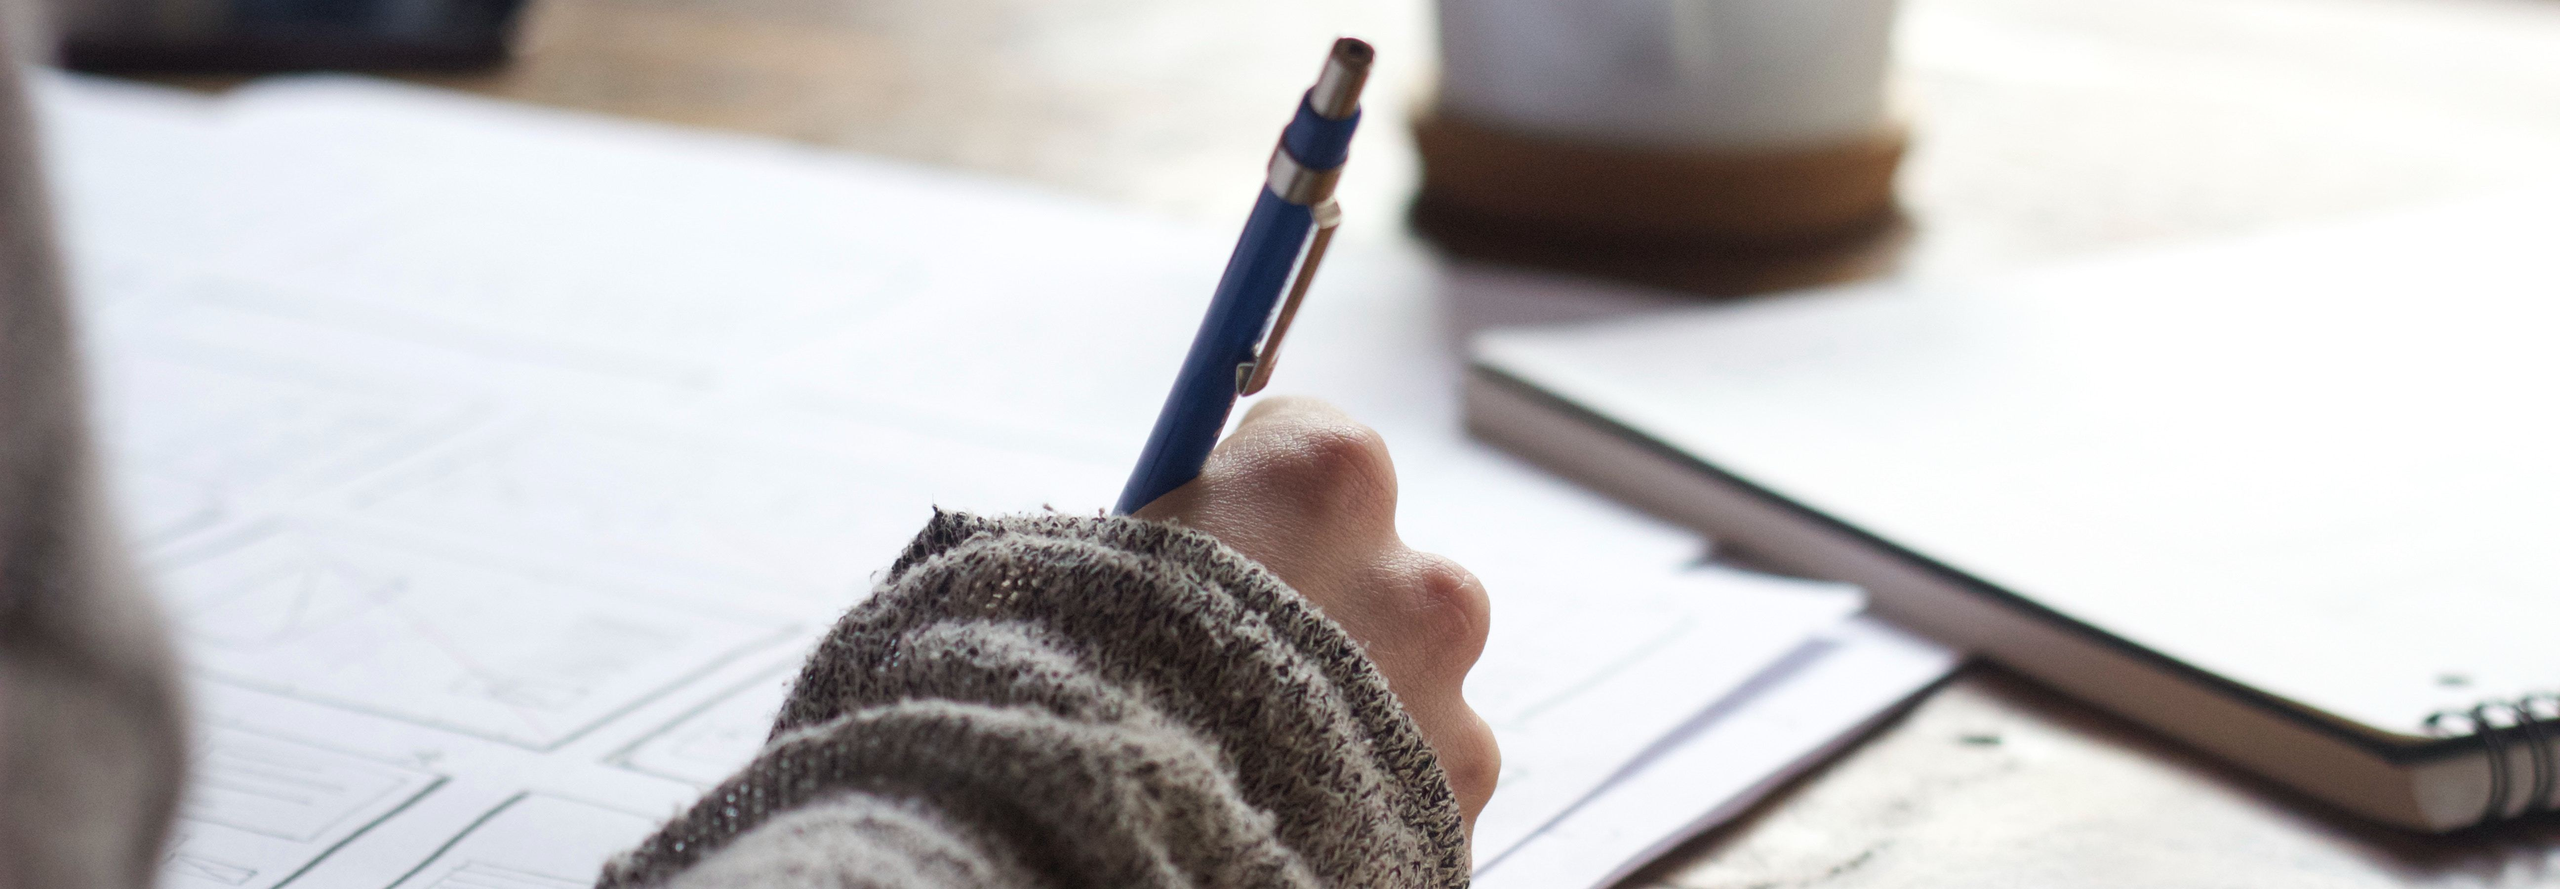 stylo-feuilles-ecriture-cv-lettre-de-motivation